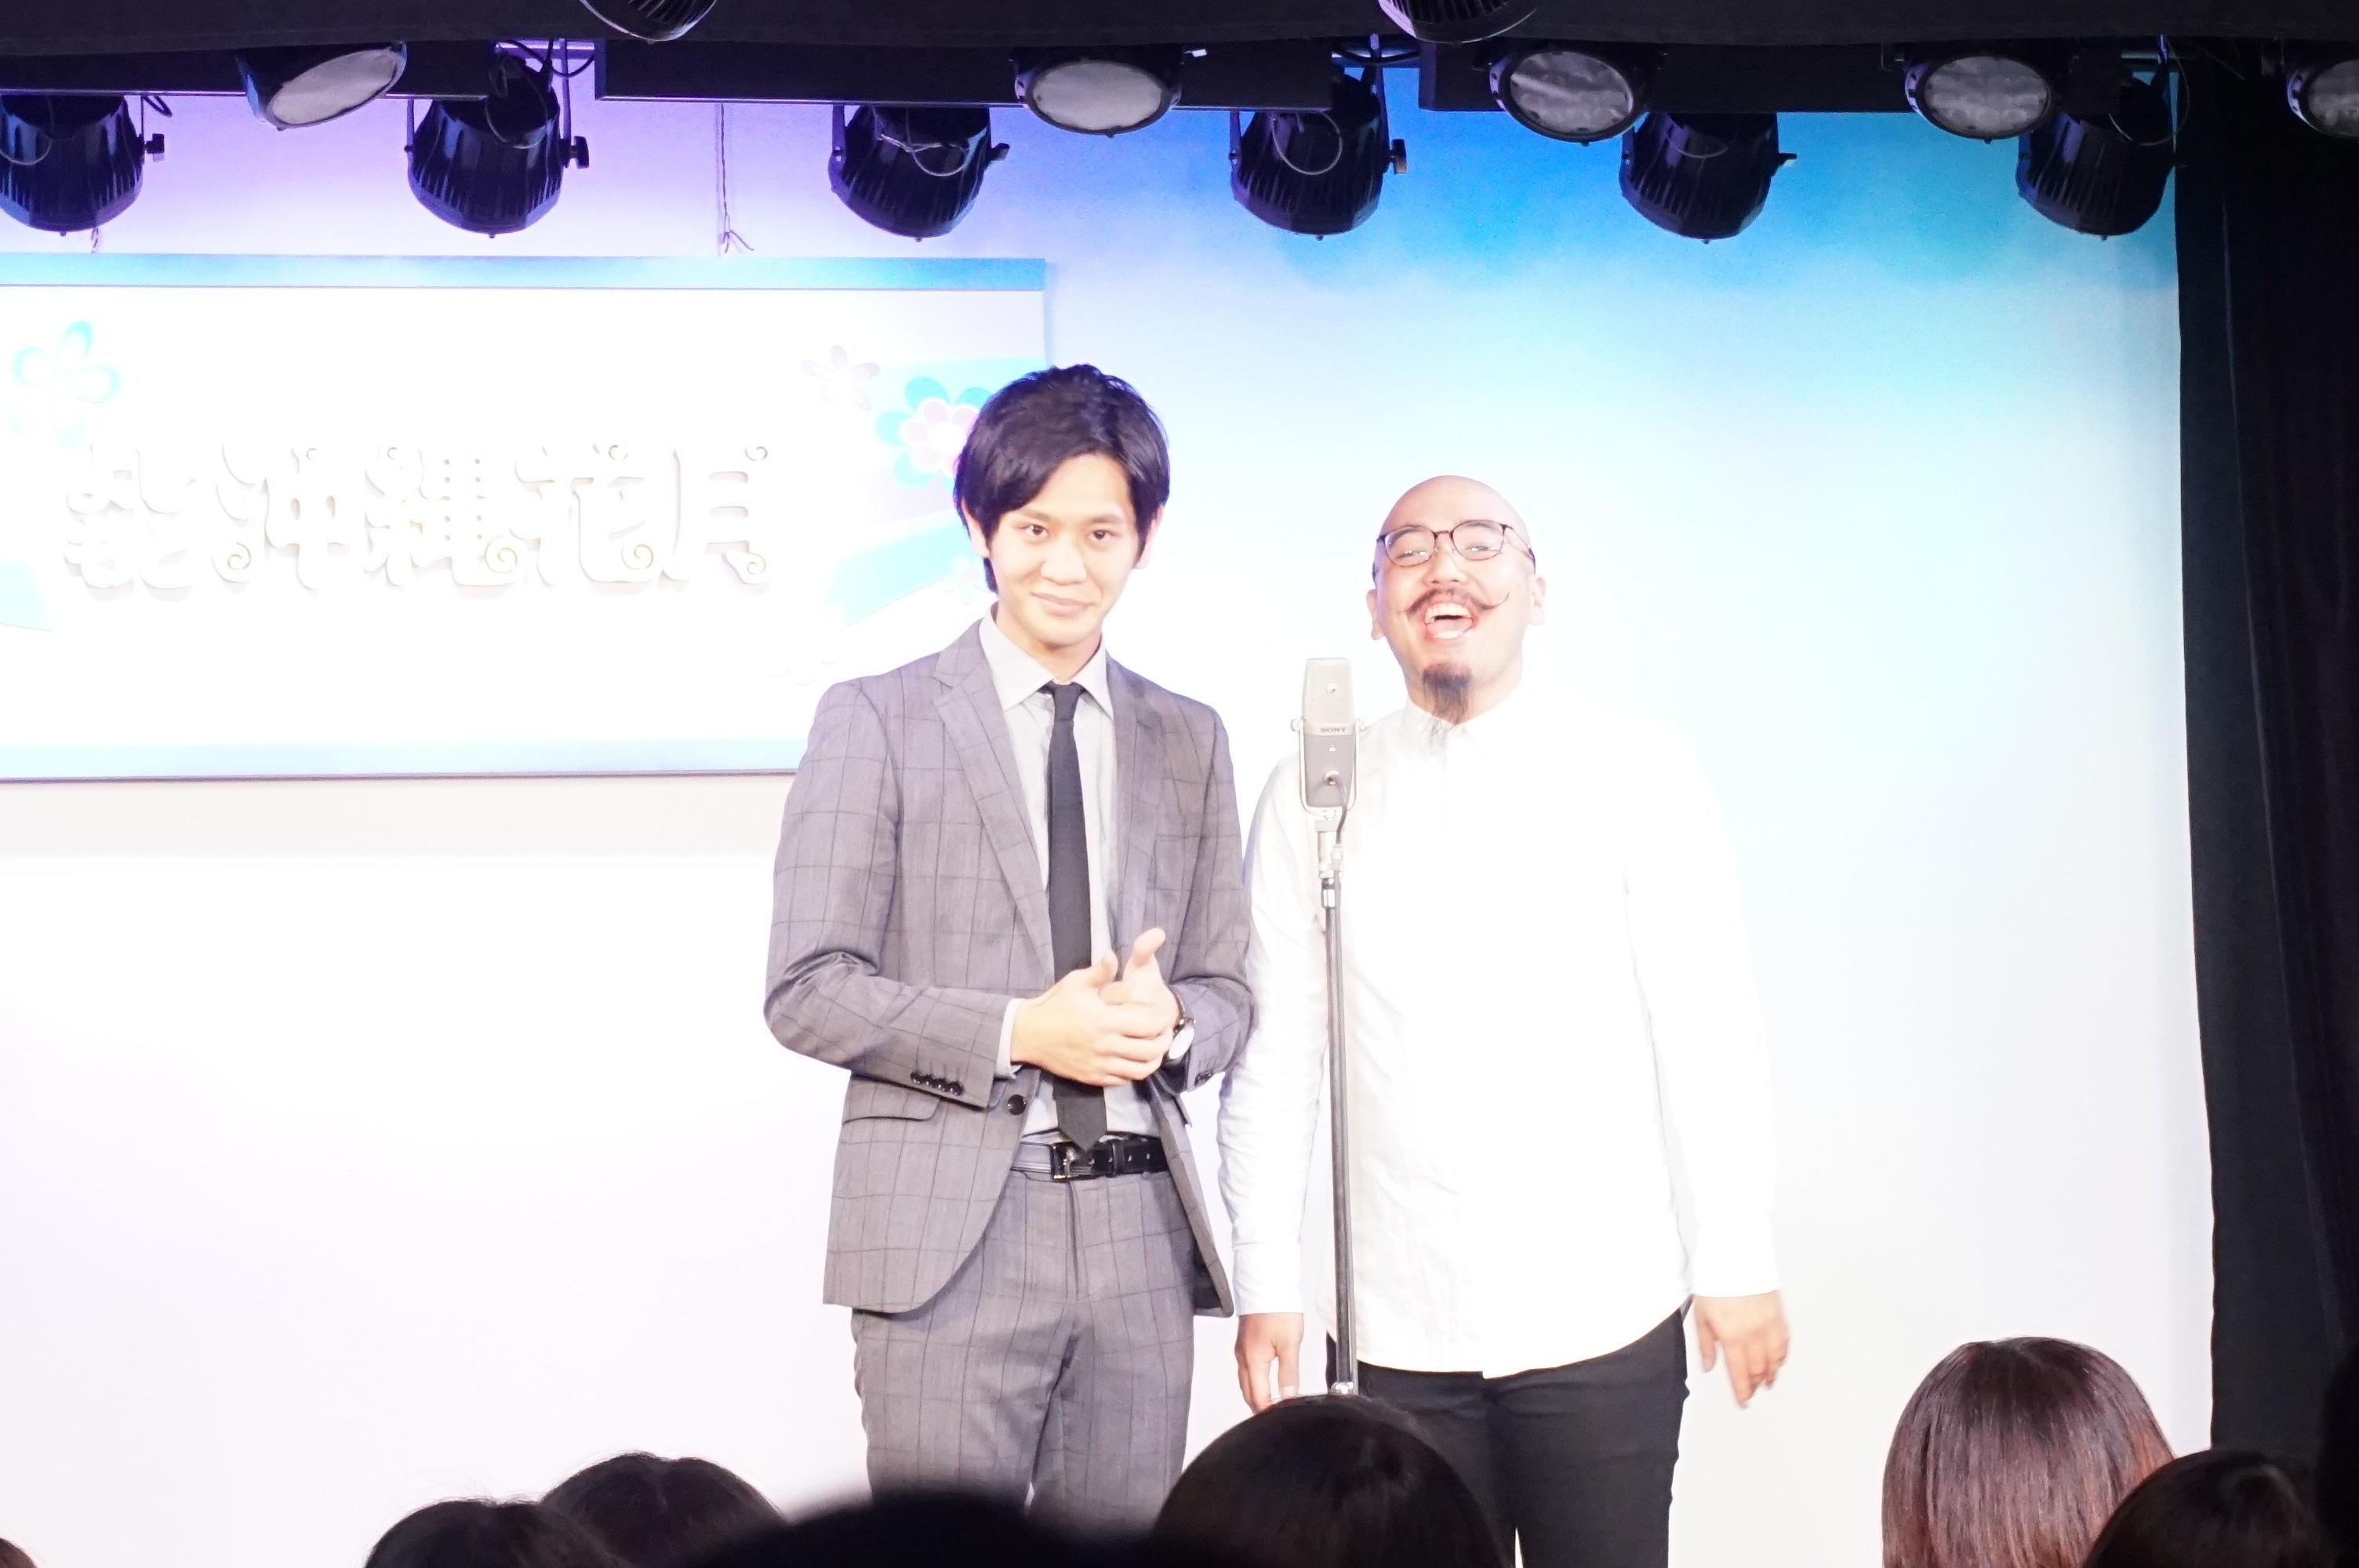 http://news.yoshimoto.co.jp/20171121164425-bb448ce237d4f8263d1a7ae8bc6e362a0552434d.jpg